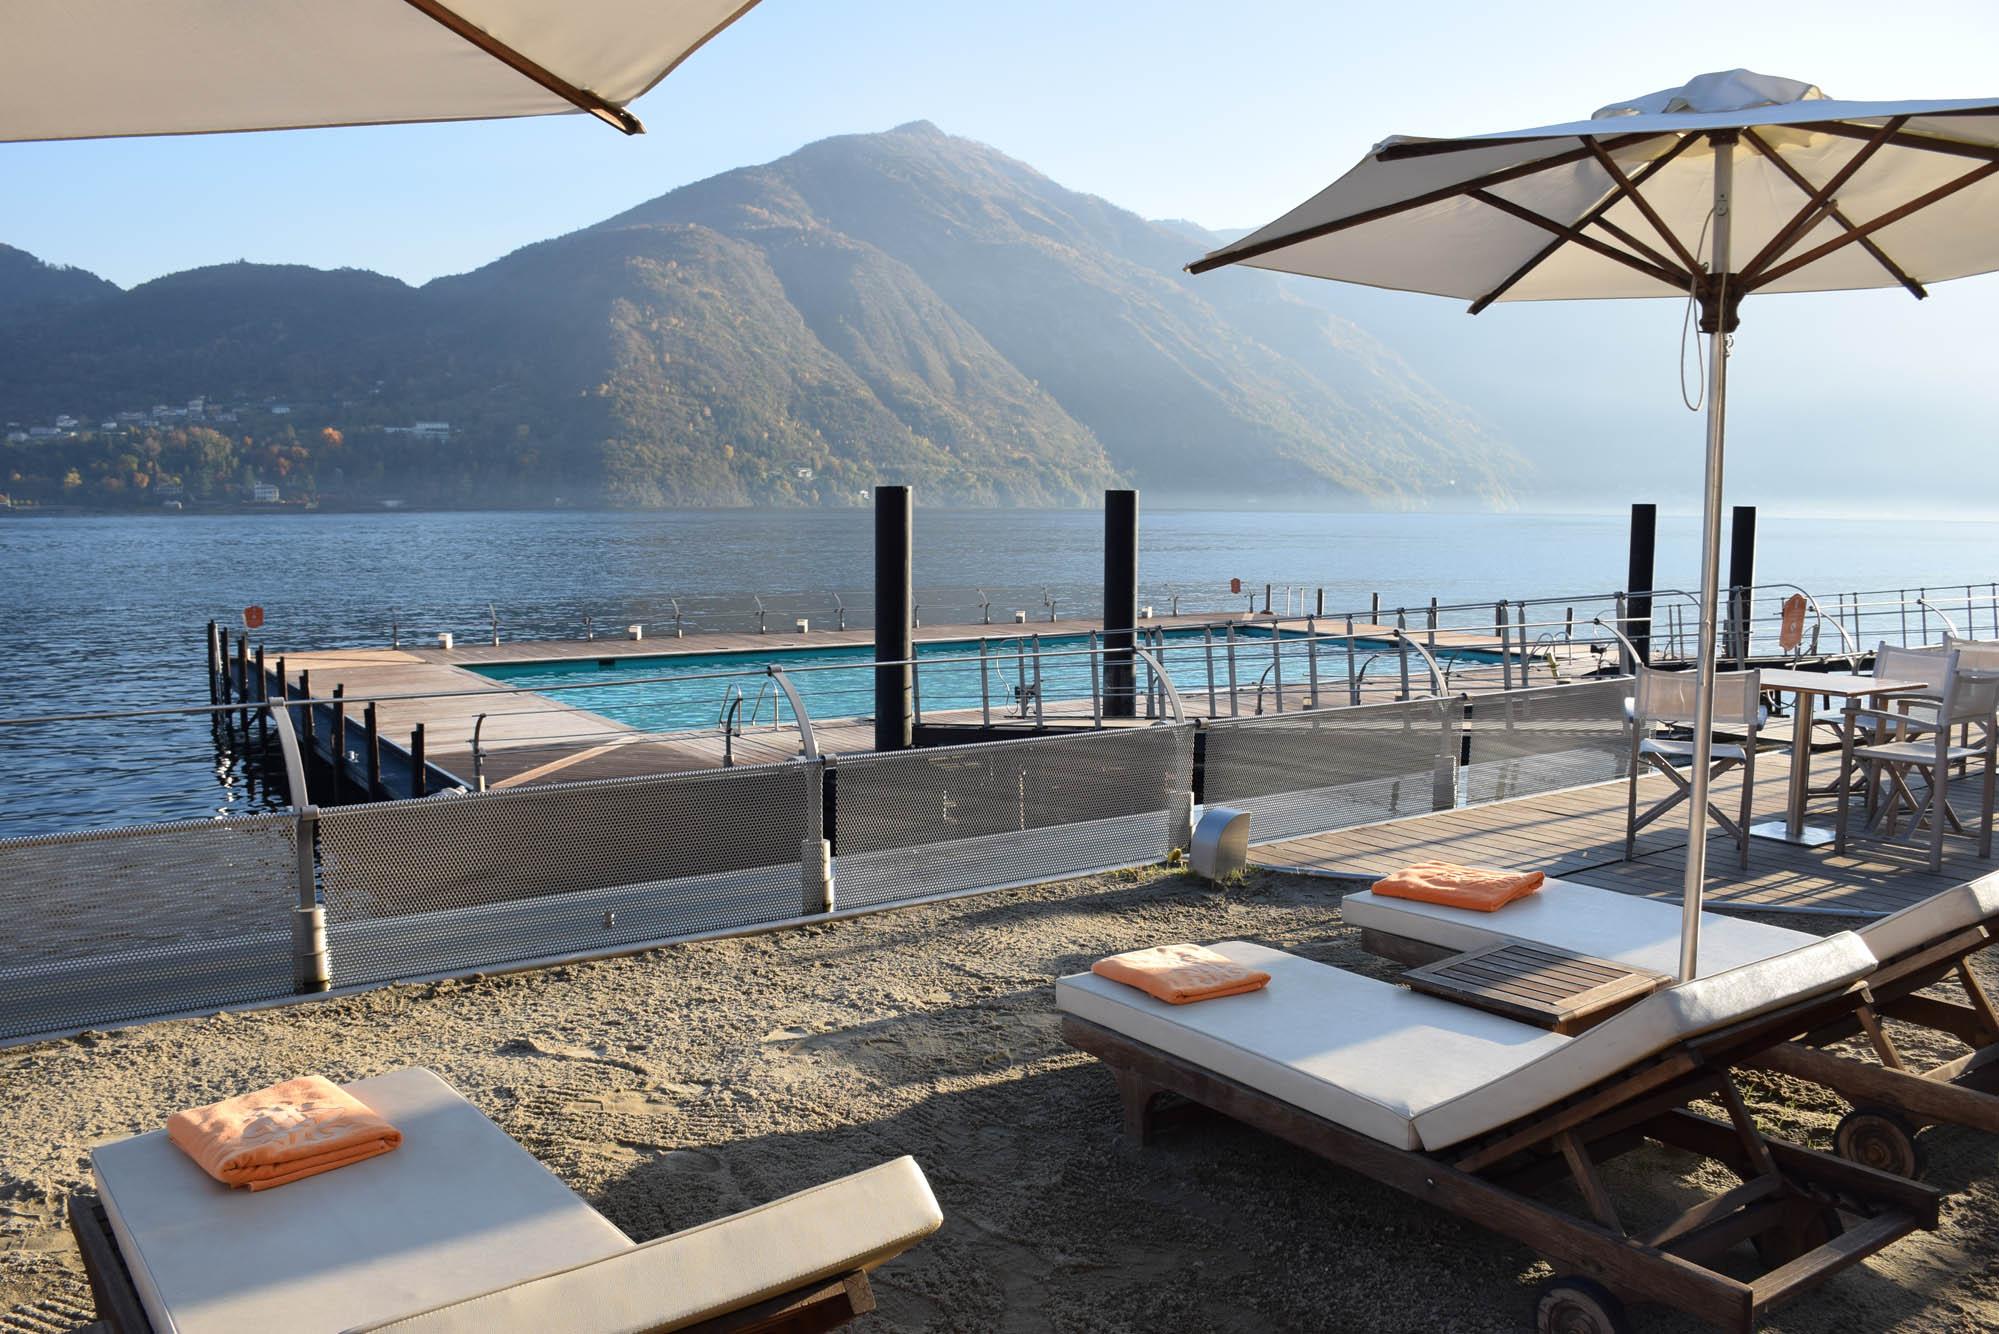 grand-hotel-tremezzo-lago-di-como-lake-italia-dicas-08